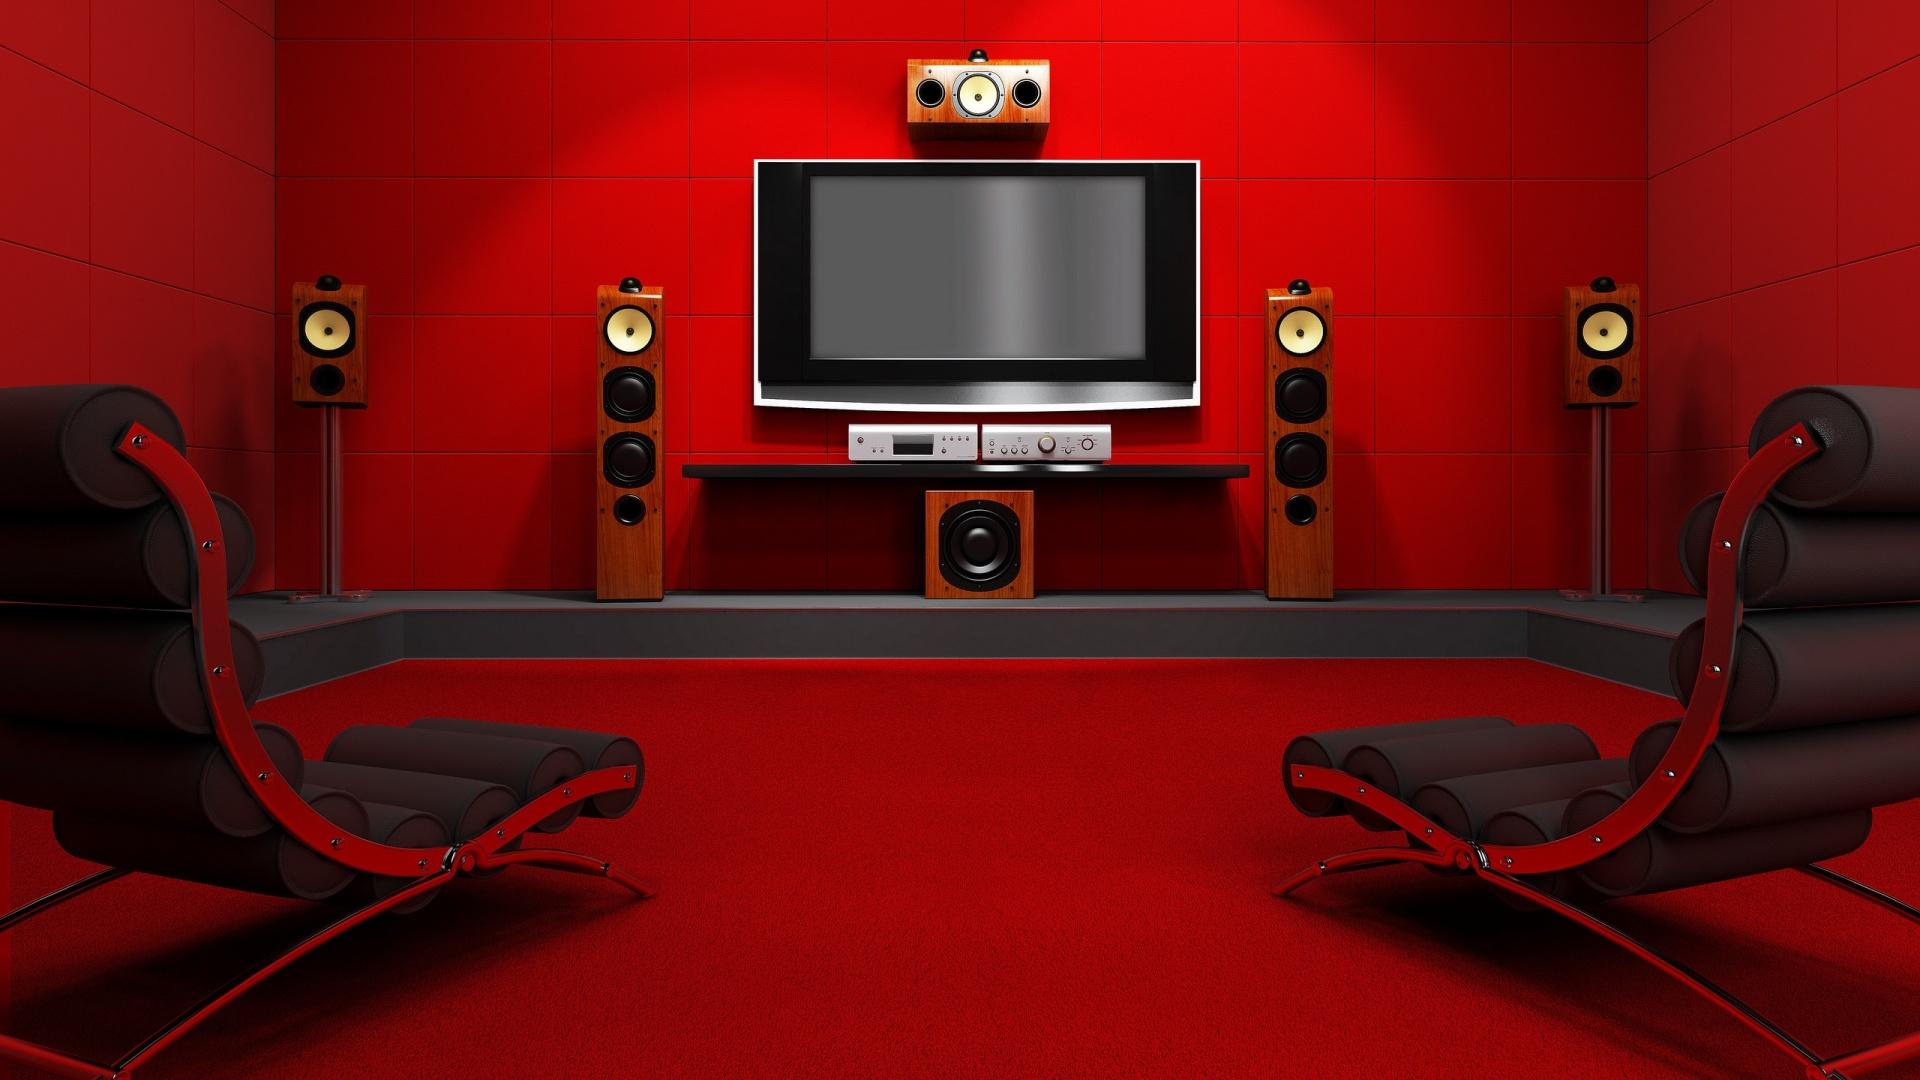 movie room wallpaper - wallpapersafari